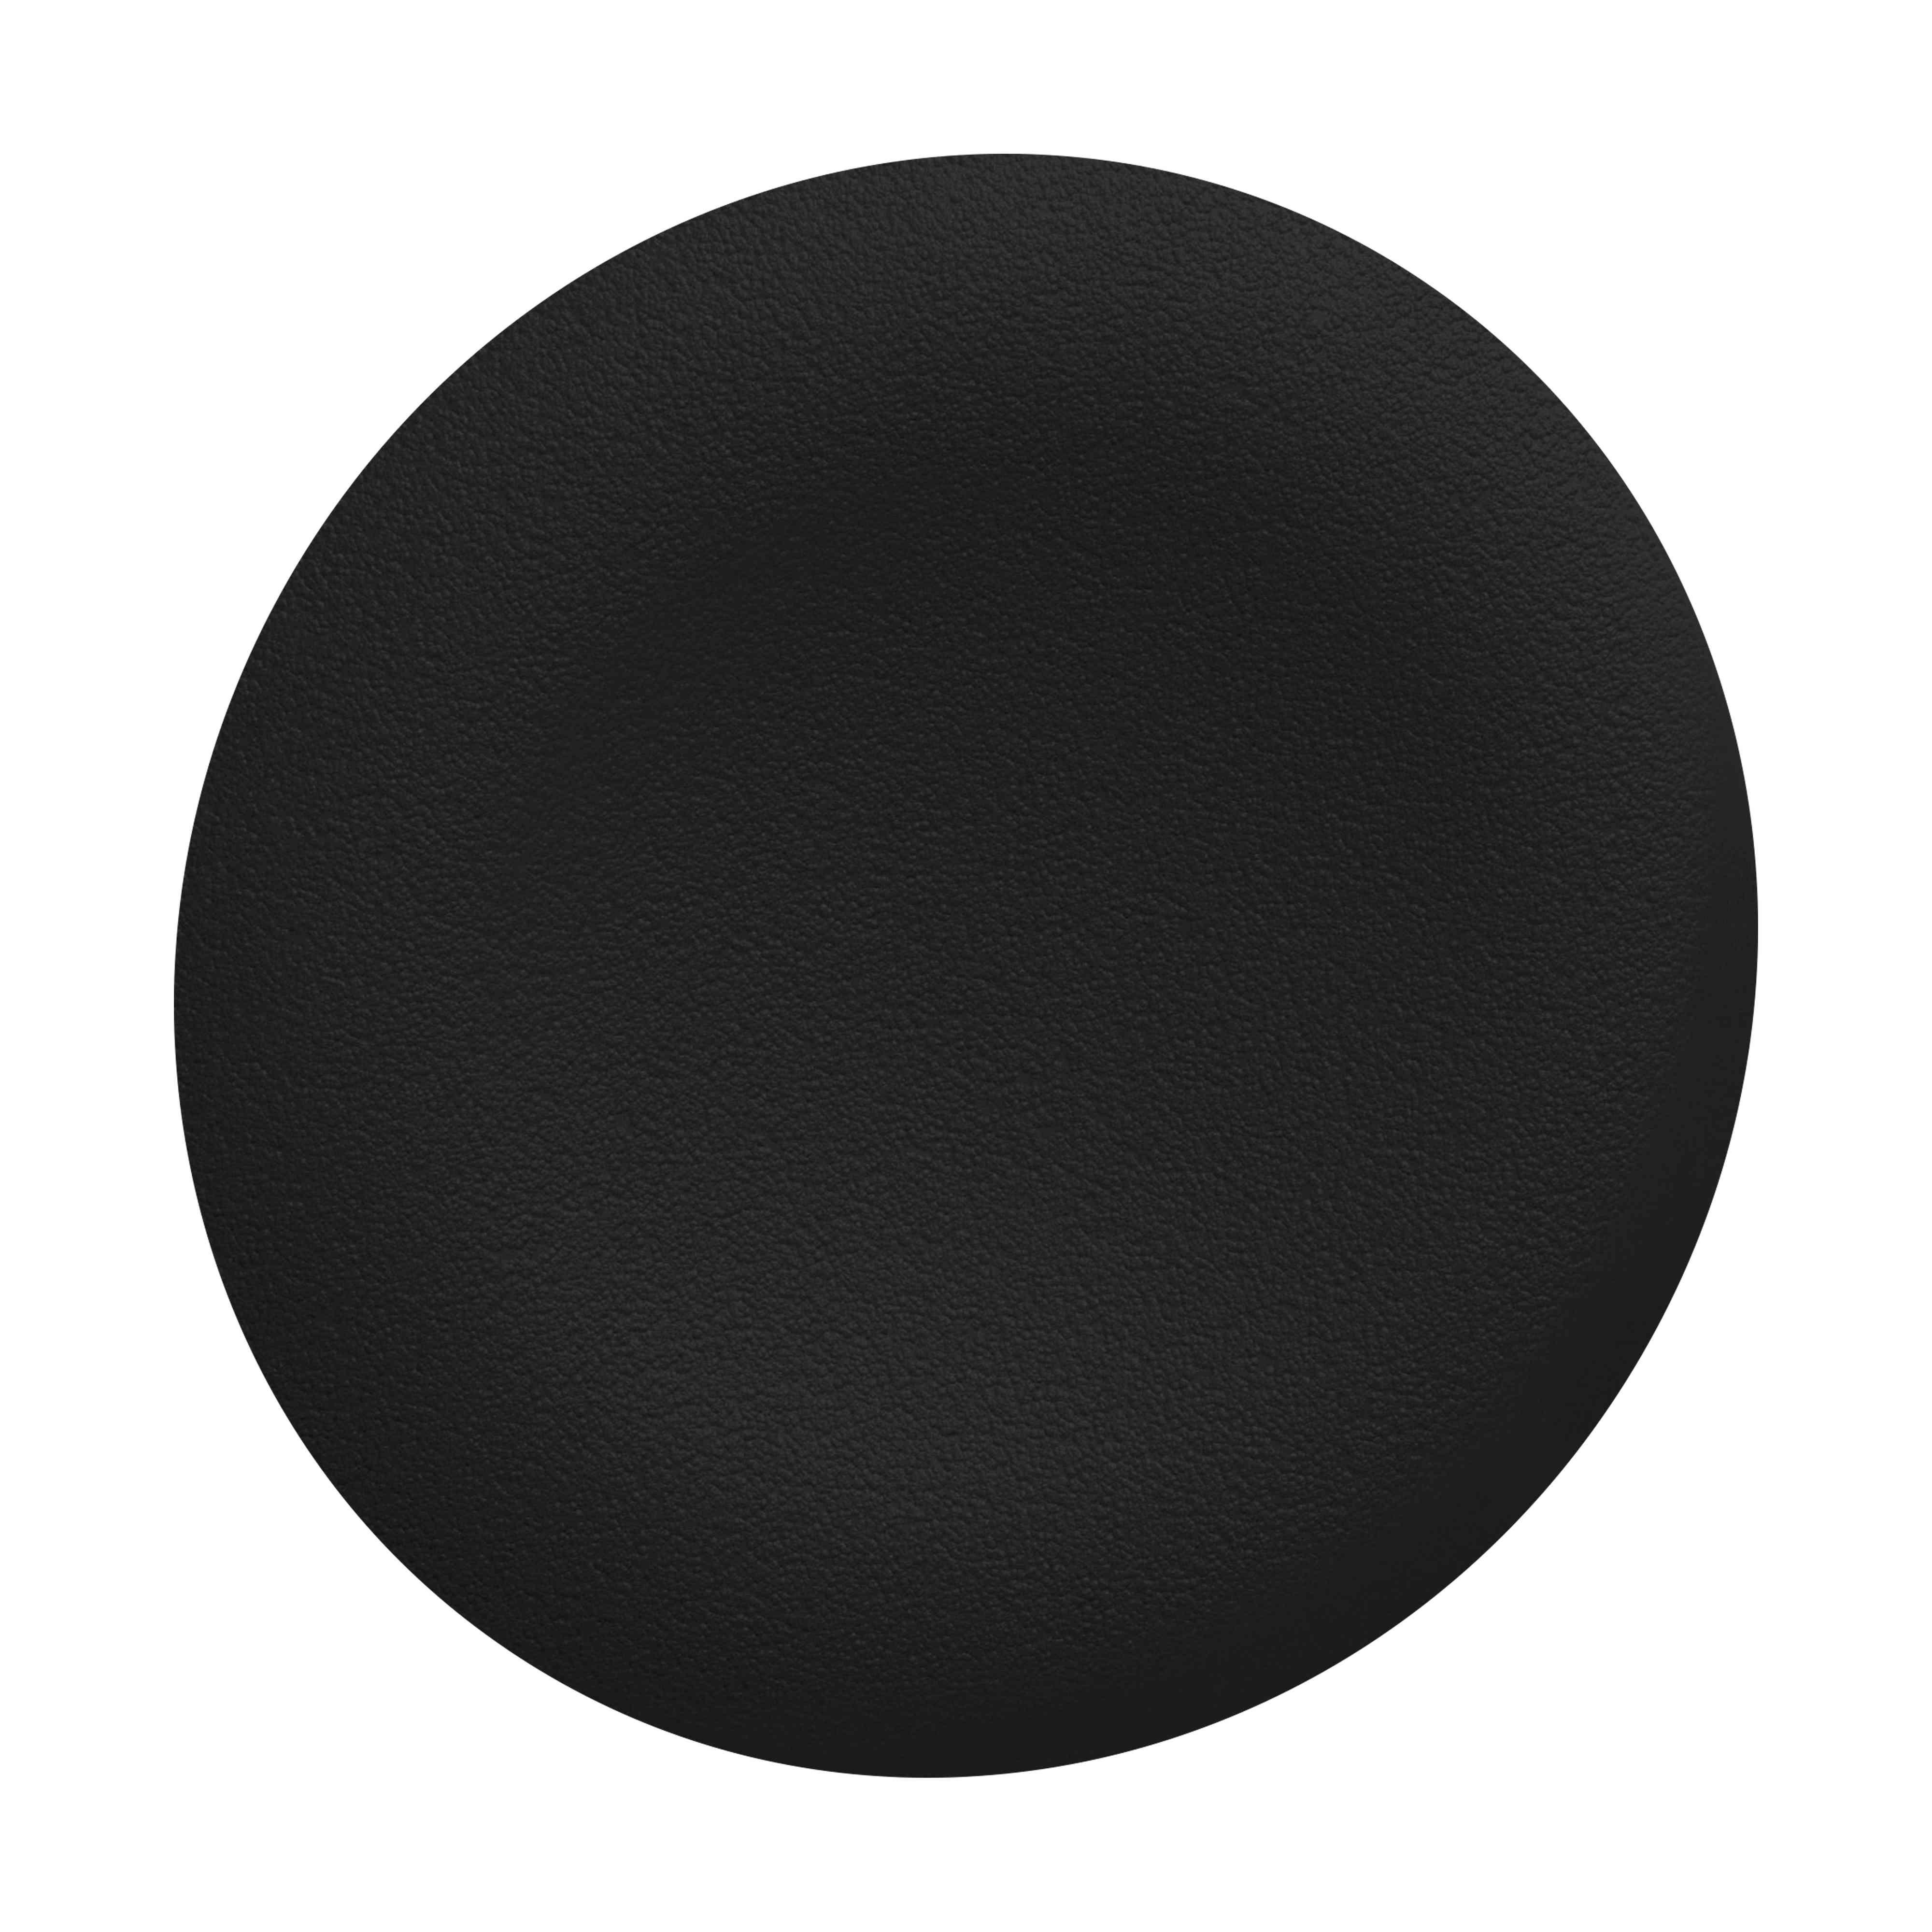 Črn navaden pokrov za podometno nameščeno tipko